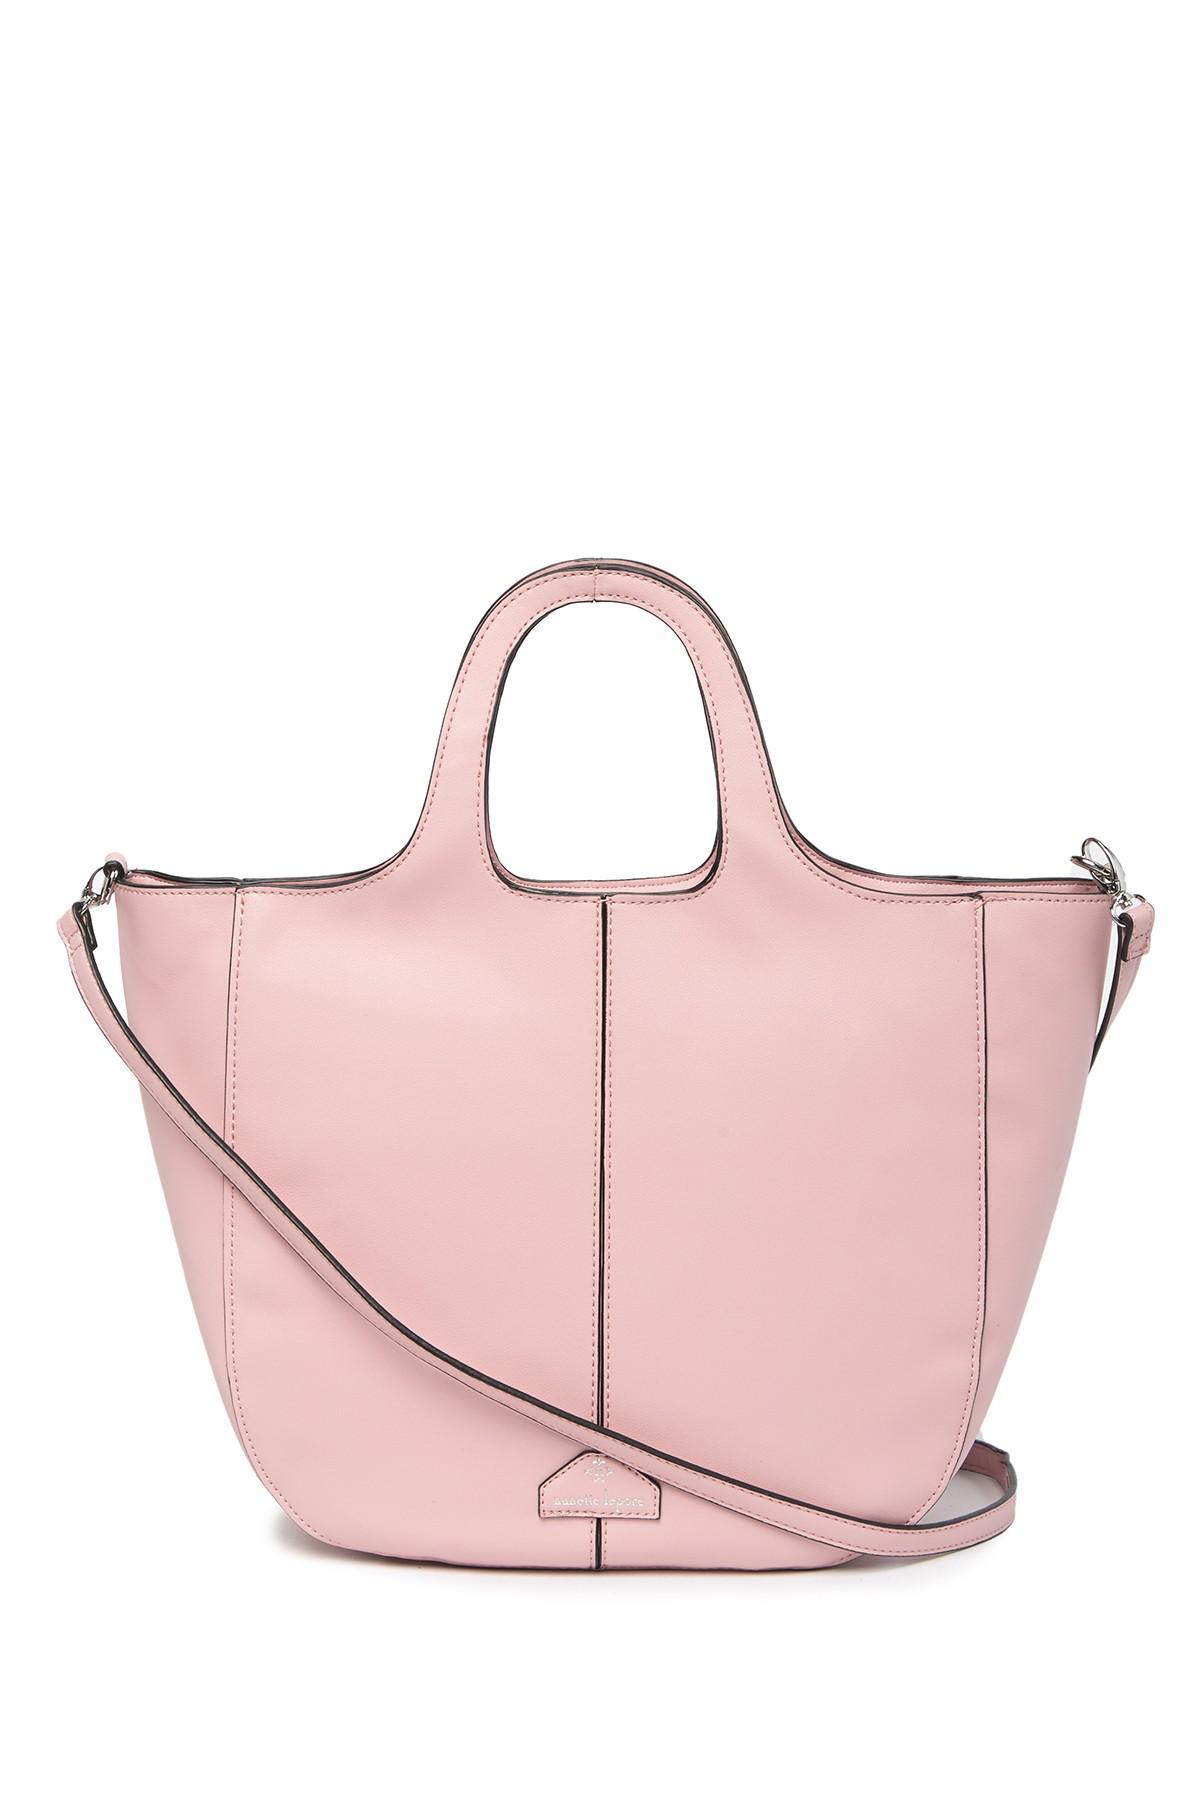 Lyst - Nanette Lepore Francesca Shoulder Bag in Pink 90e359320c5d7